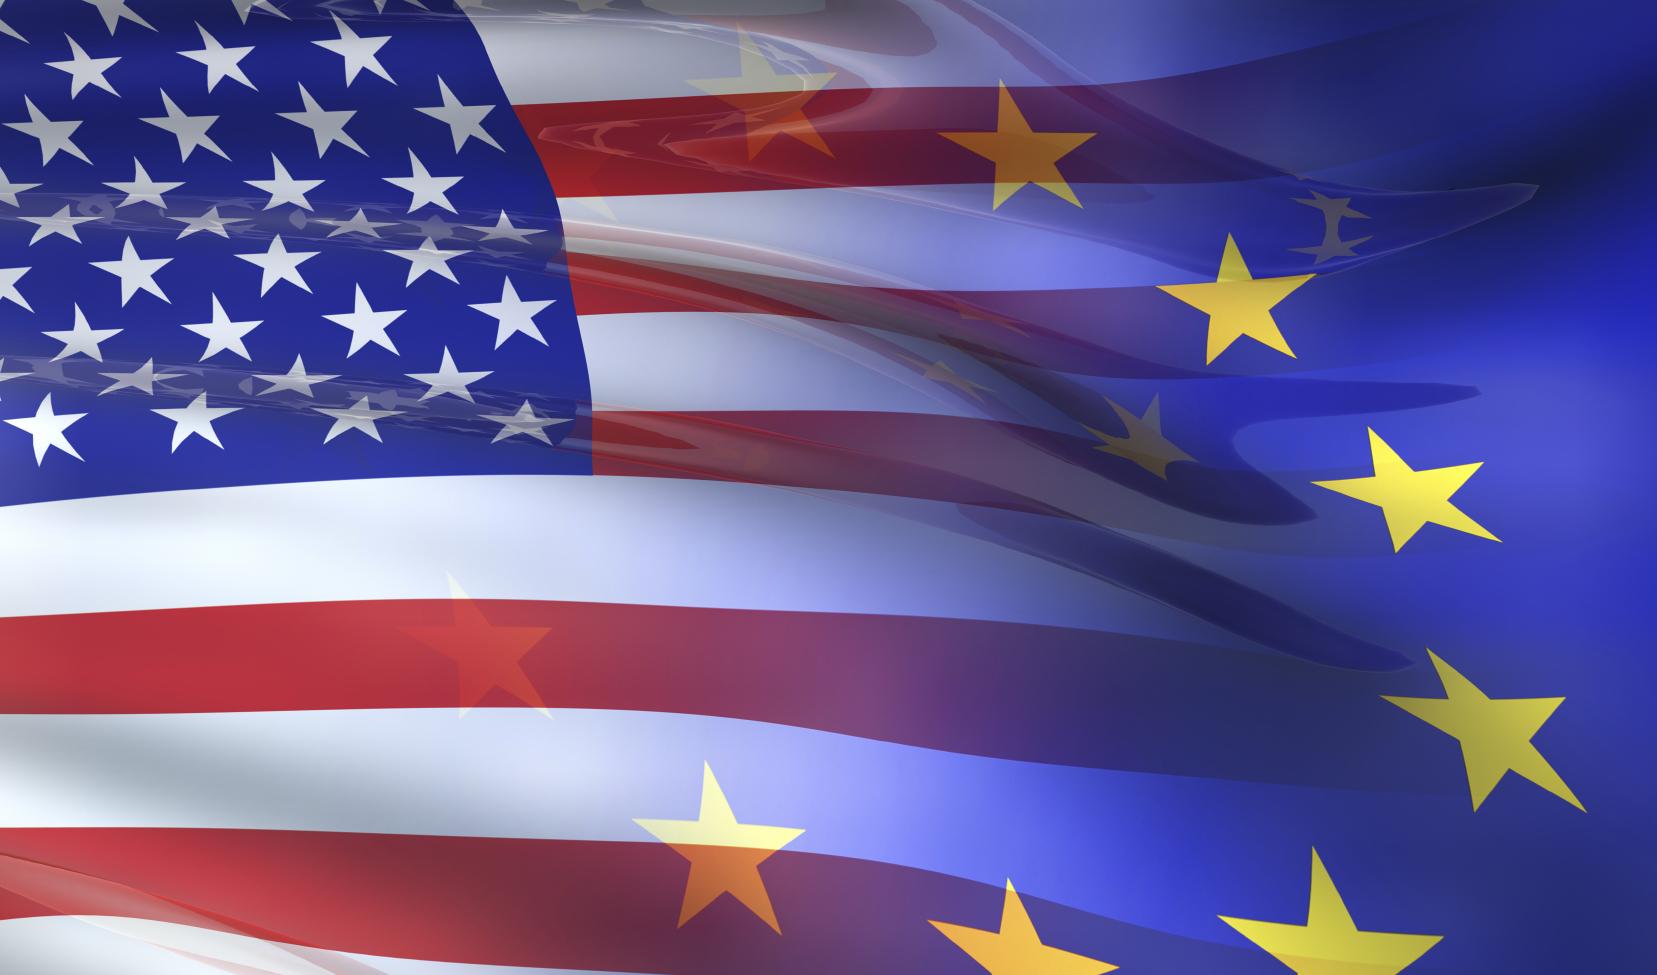 چارهای جز تلافی تعرفههای آمریکا نداریم